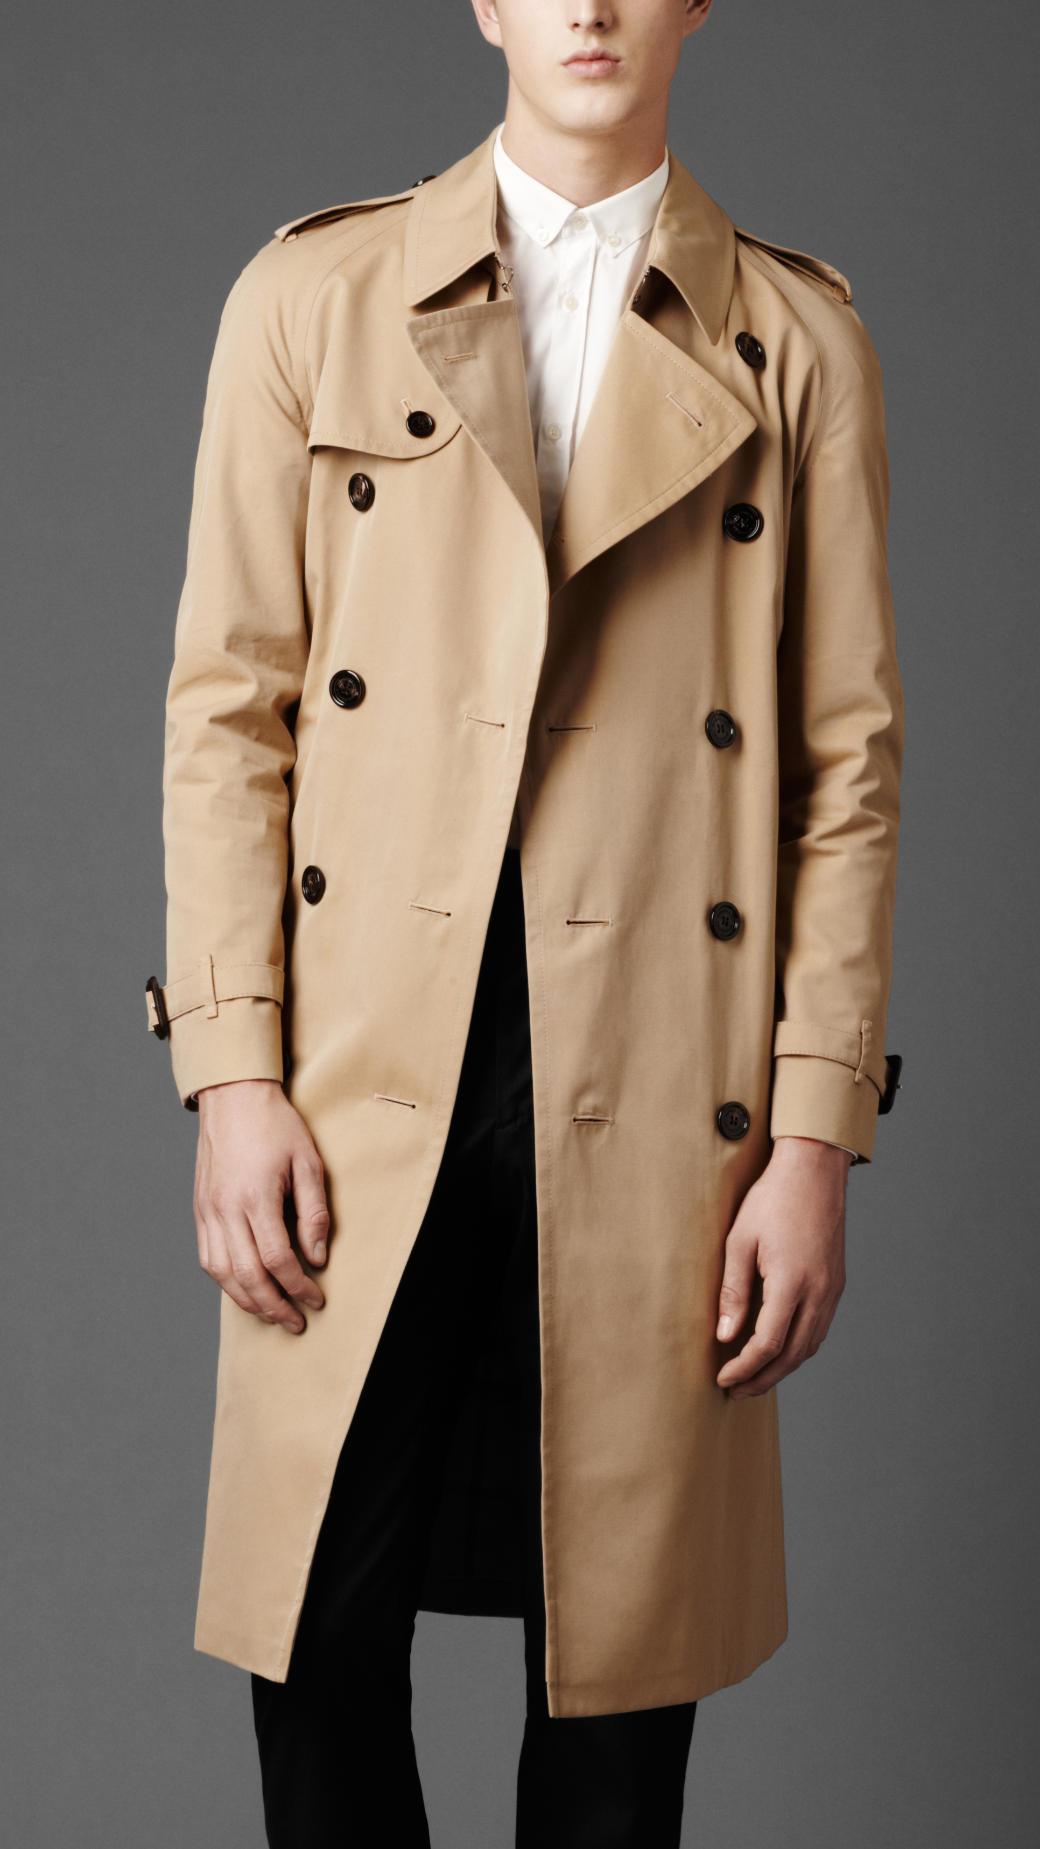 cách phối quần áo nam với áo khoác dài cho mùa mưa